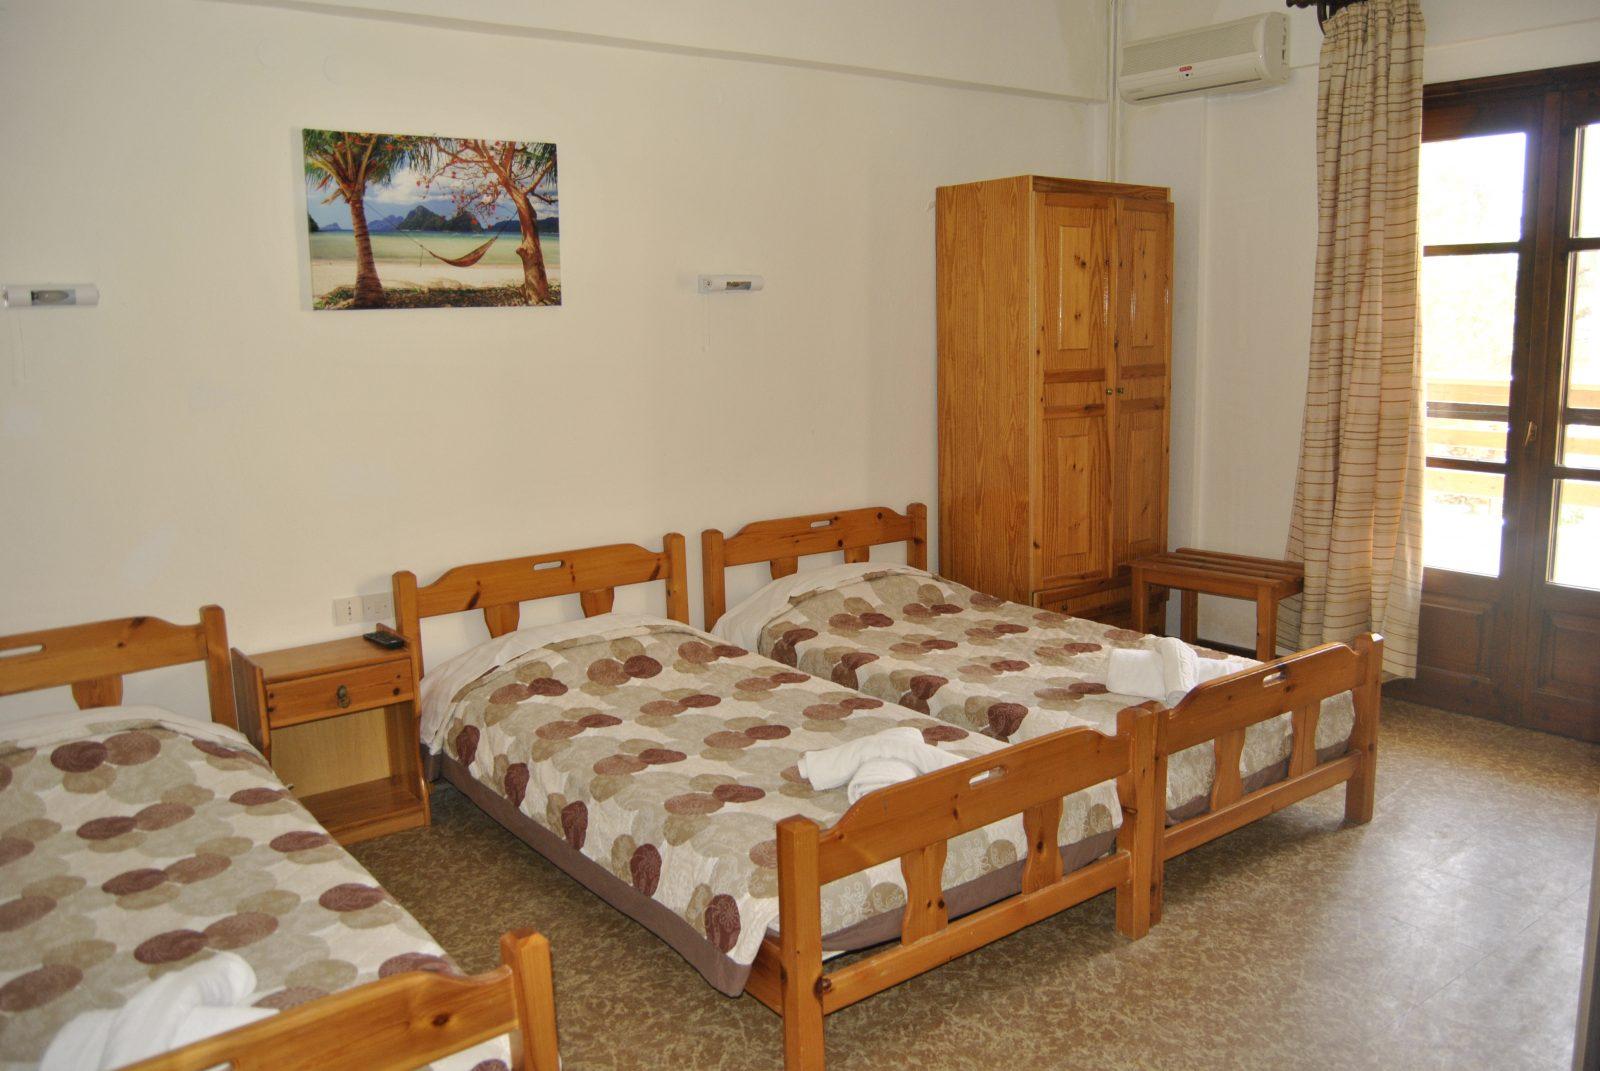 Grcka apartmani letovanje, Nea Flogita Halkidiki, Pirgioti, studio